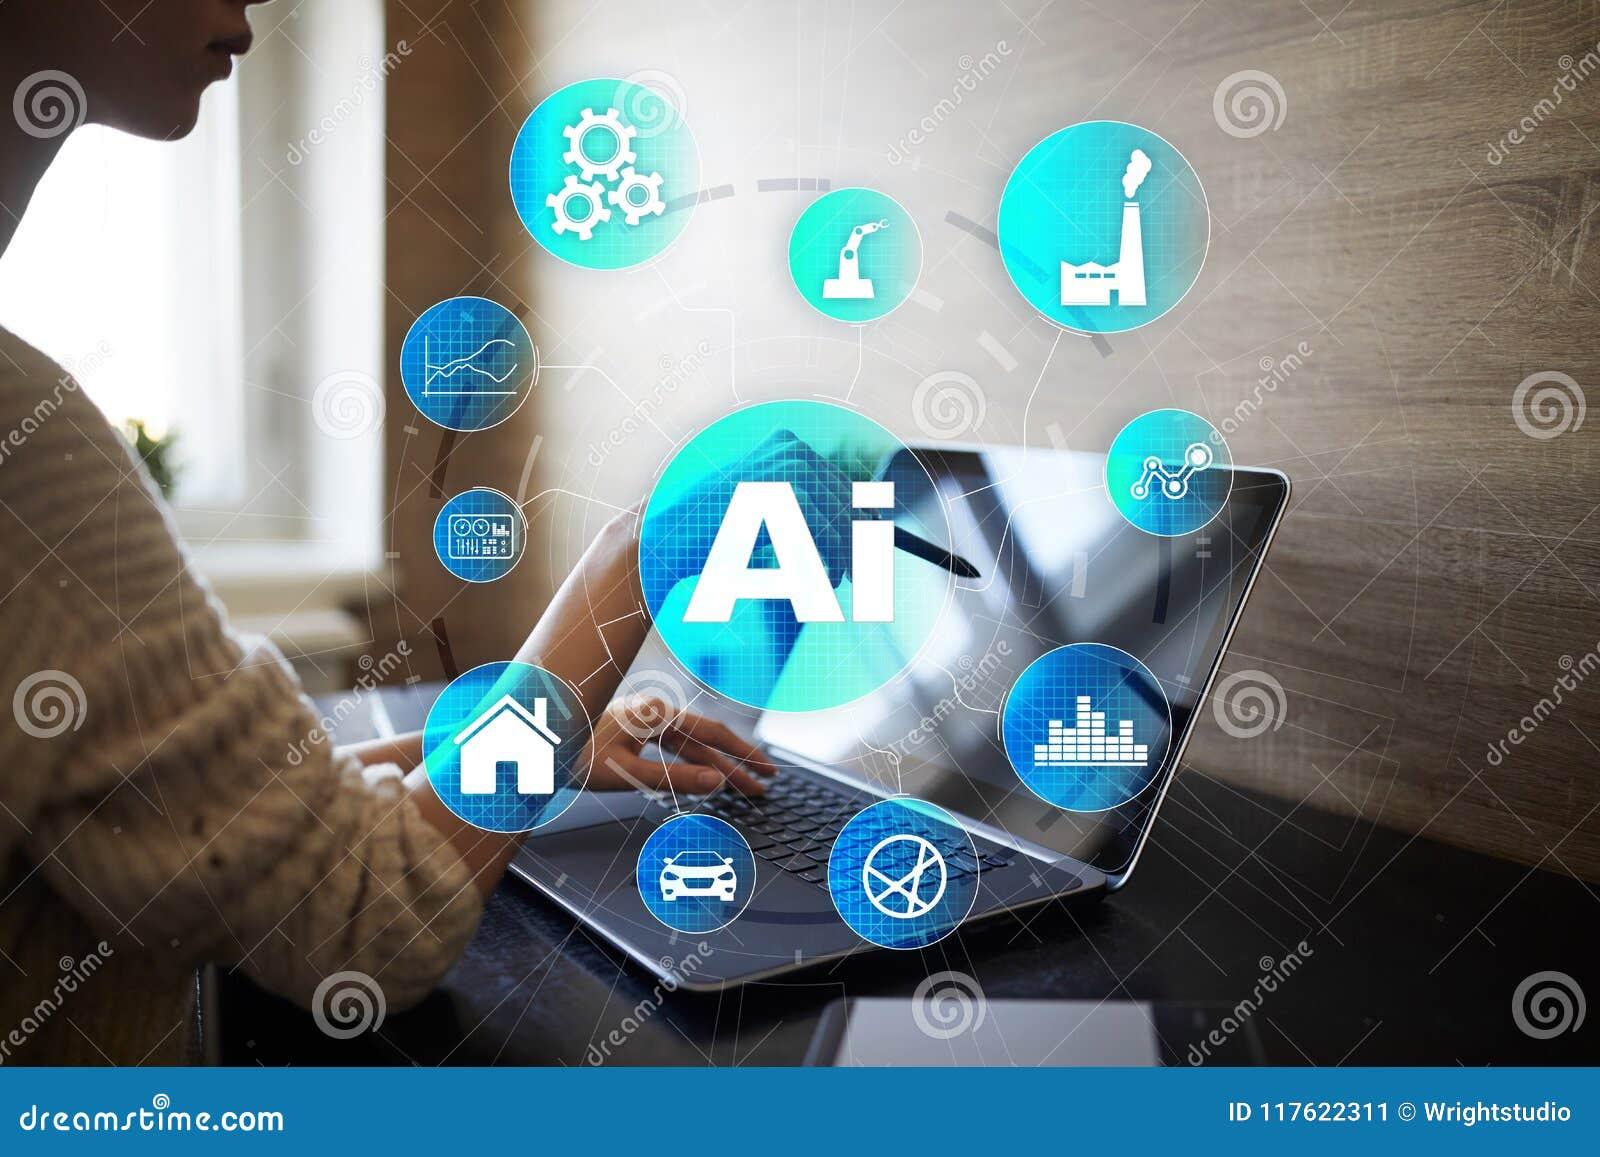 AI, inteligência artificial, aprendizagem de máquina, redes neurais e conceitos modernos das tecnologias IOT e automatização